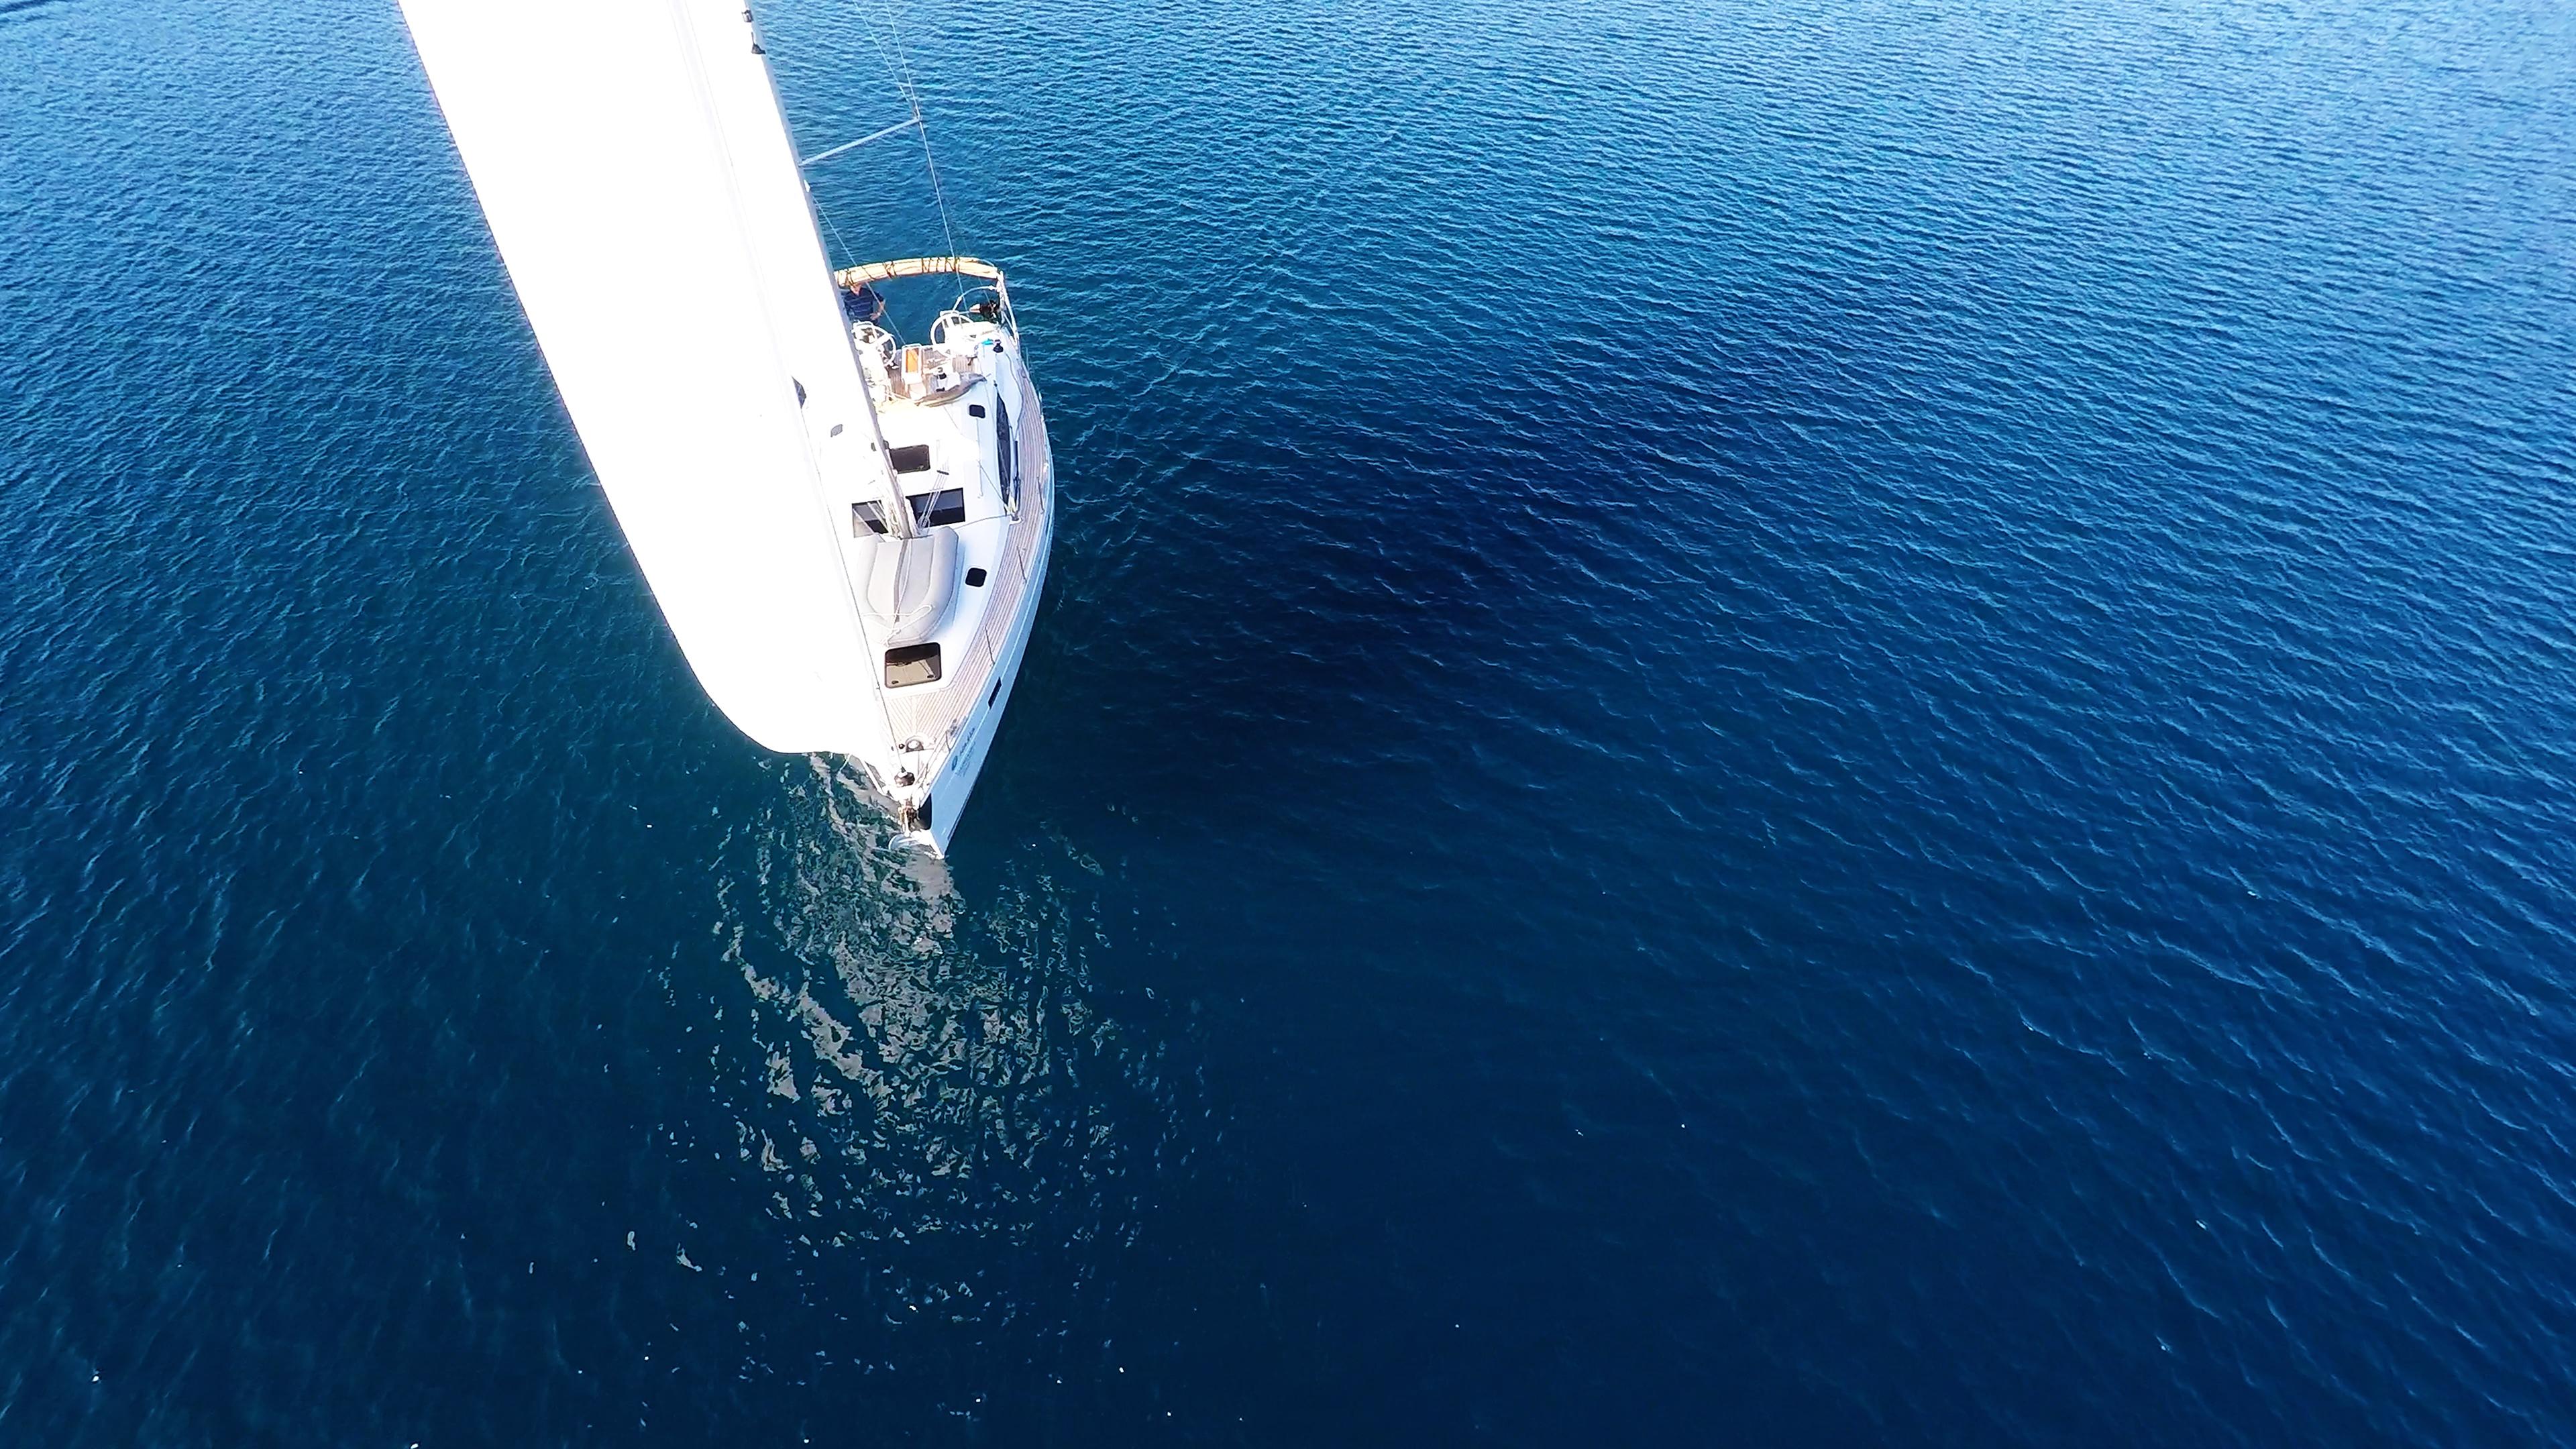 bateau à voile mer bleue bateau à voile voile blanche ensoleillé voilier